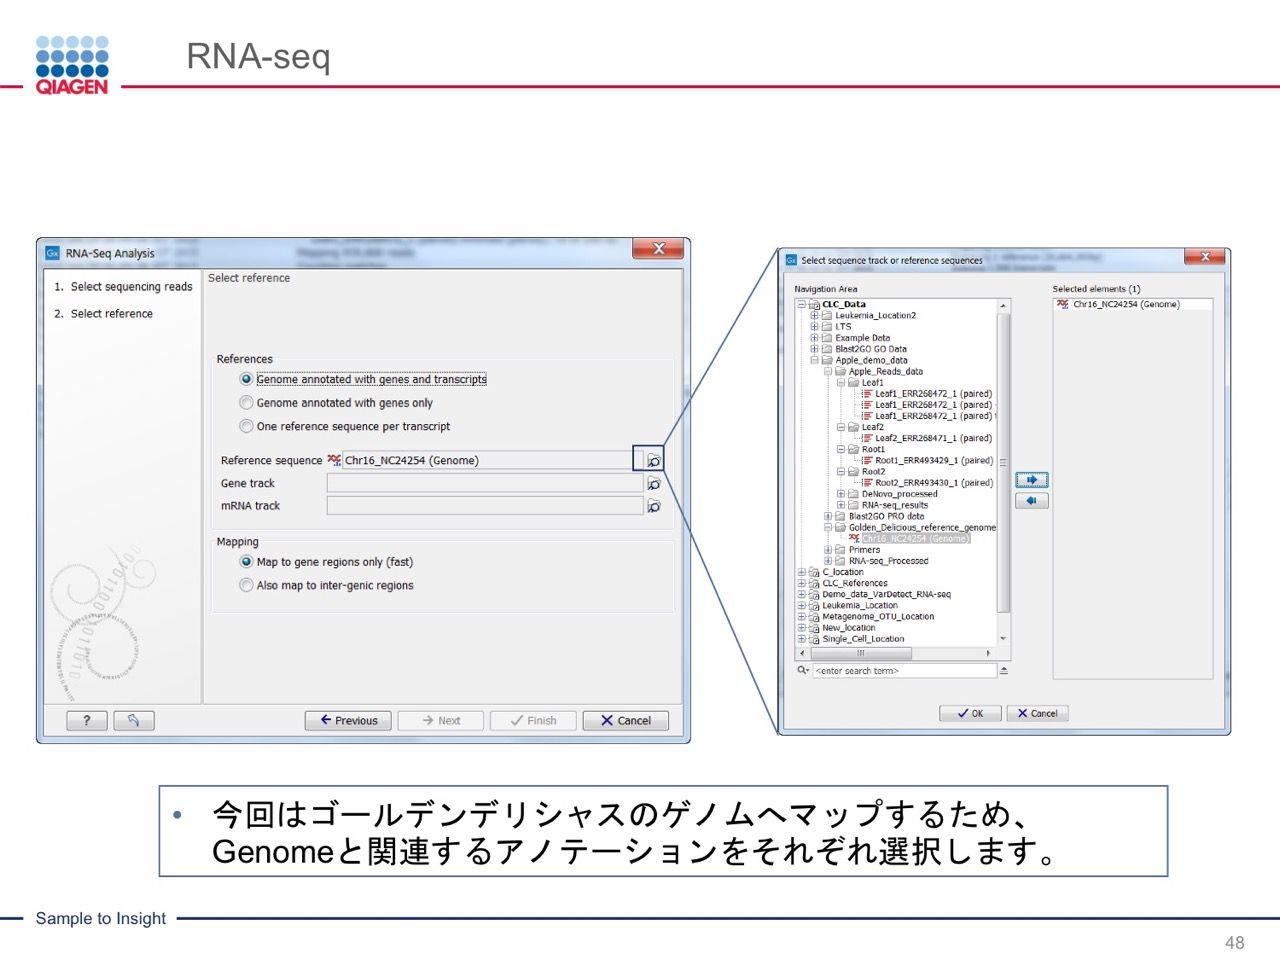 images/AJACSa2_miyamoto_048.jpg